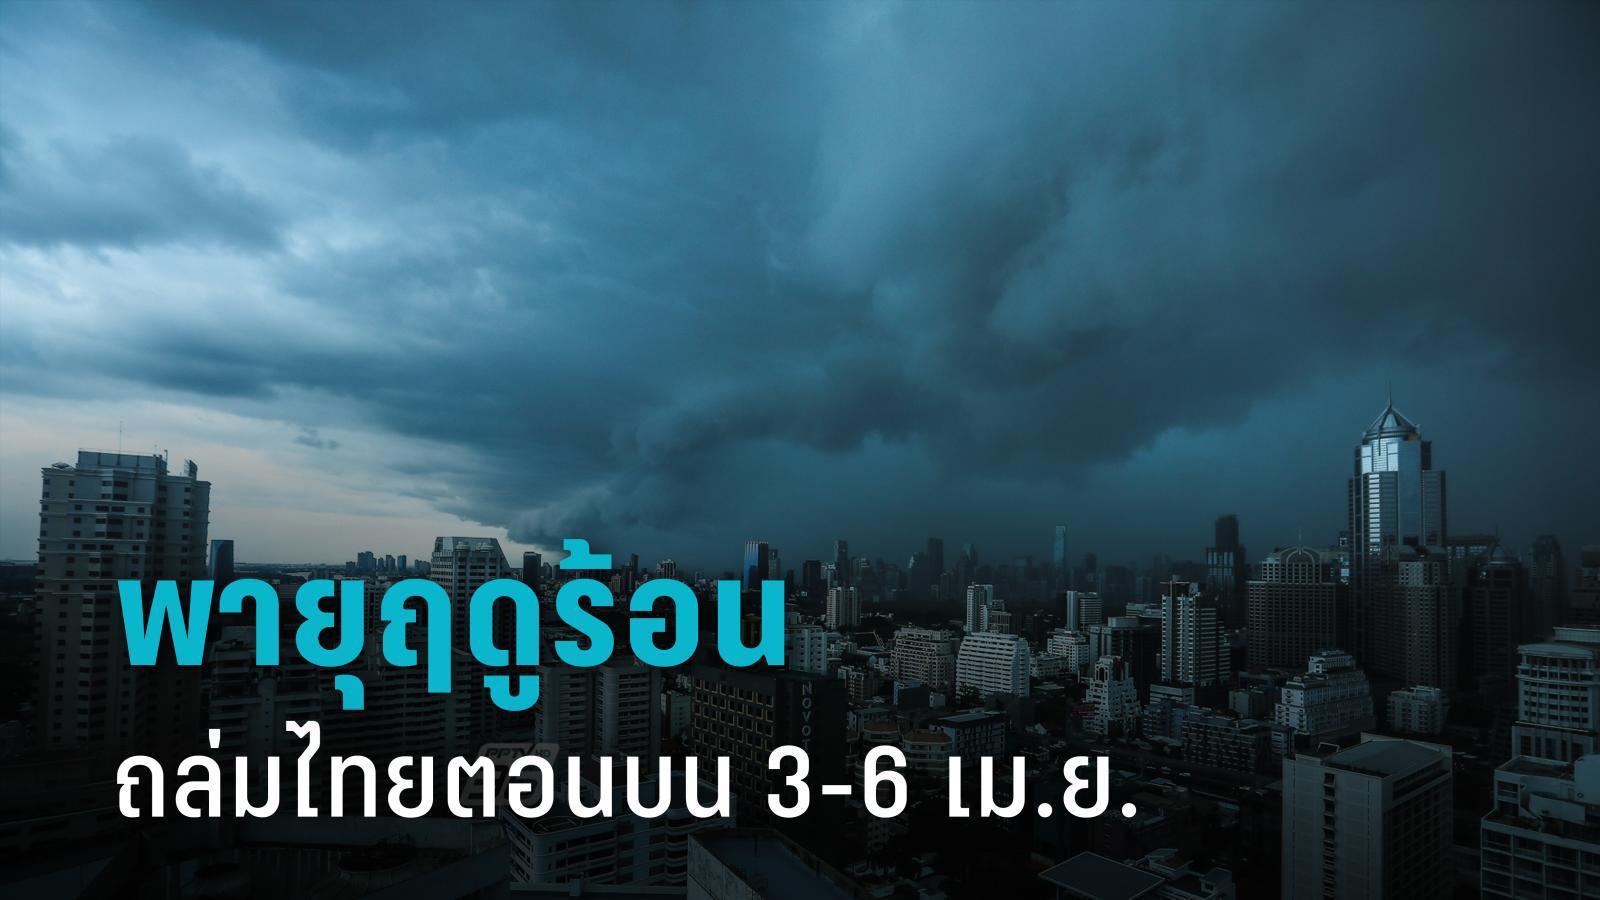 """เตือน """"พายุฤดูร้อน"""" ถล่มไทยตอนบน 3-6 เม.ย. อีสาน ตะวันออก โดนก่อน"""